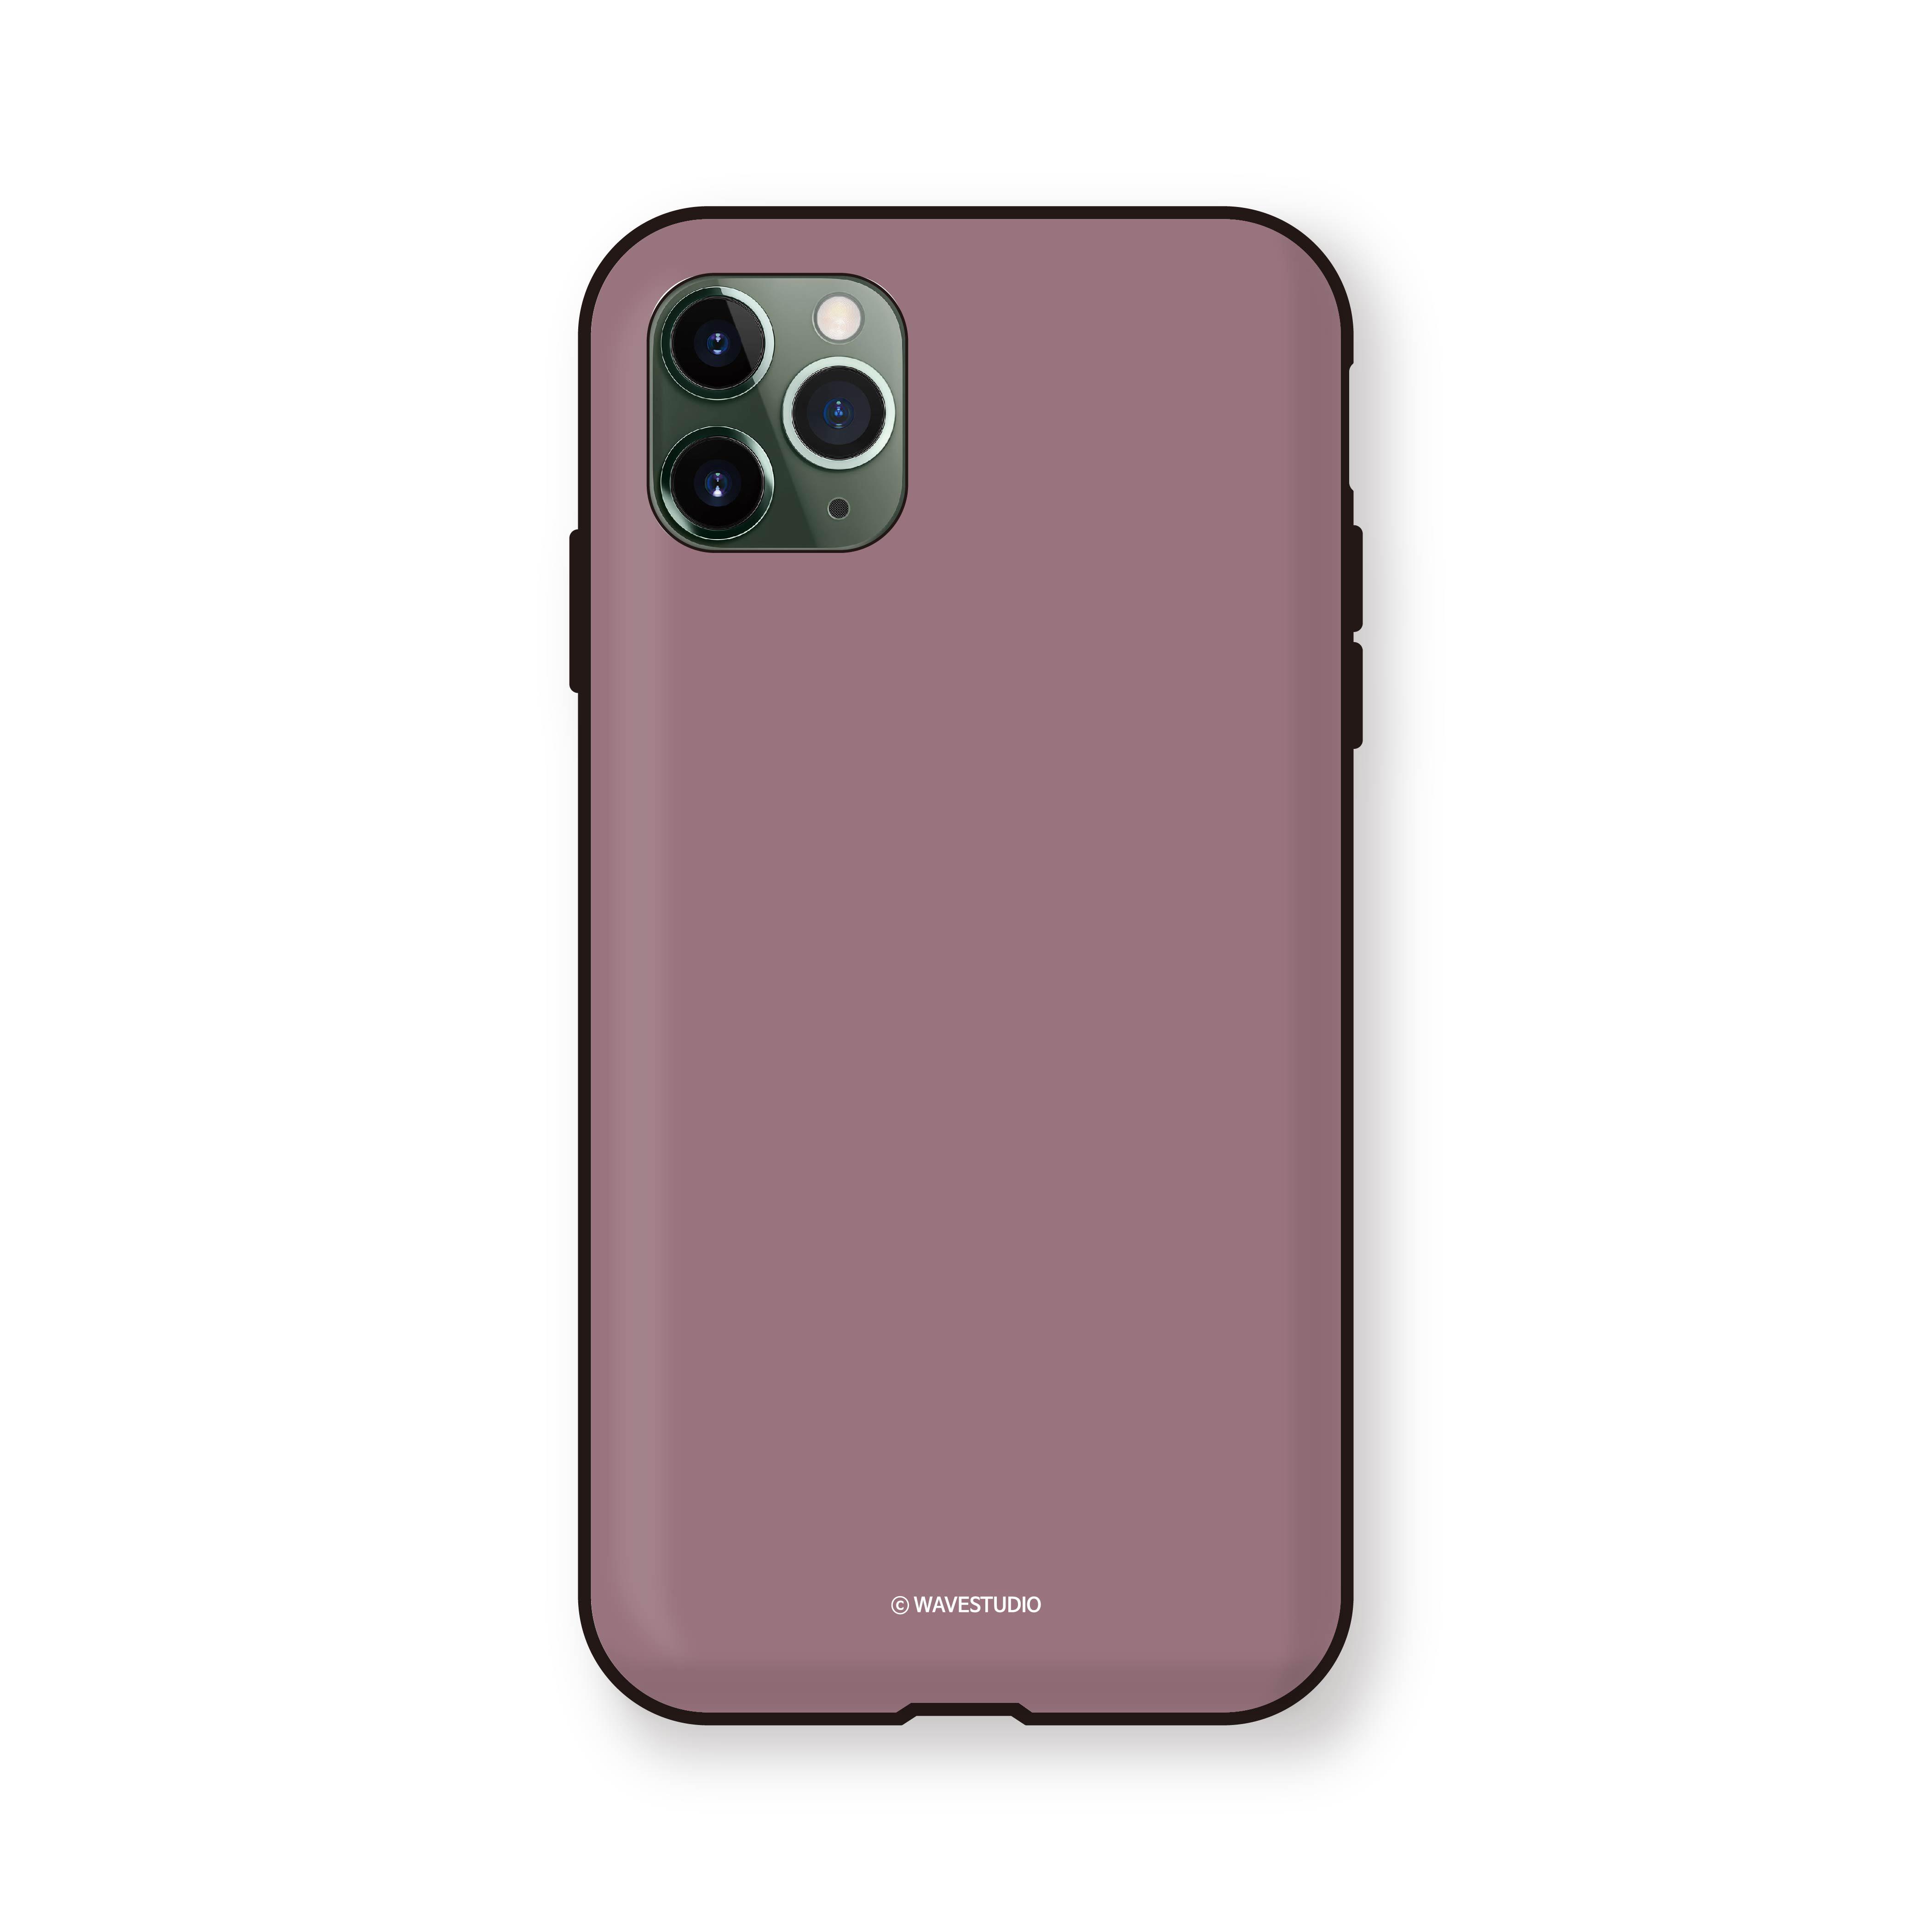 웨이브스튜디오 원톤 마그네틱 카드 범퍼 휴대폰 케이스